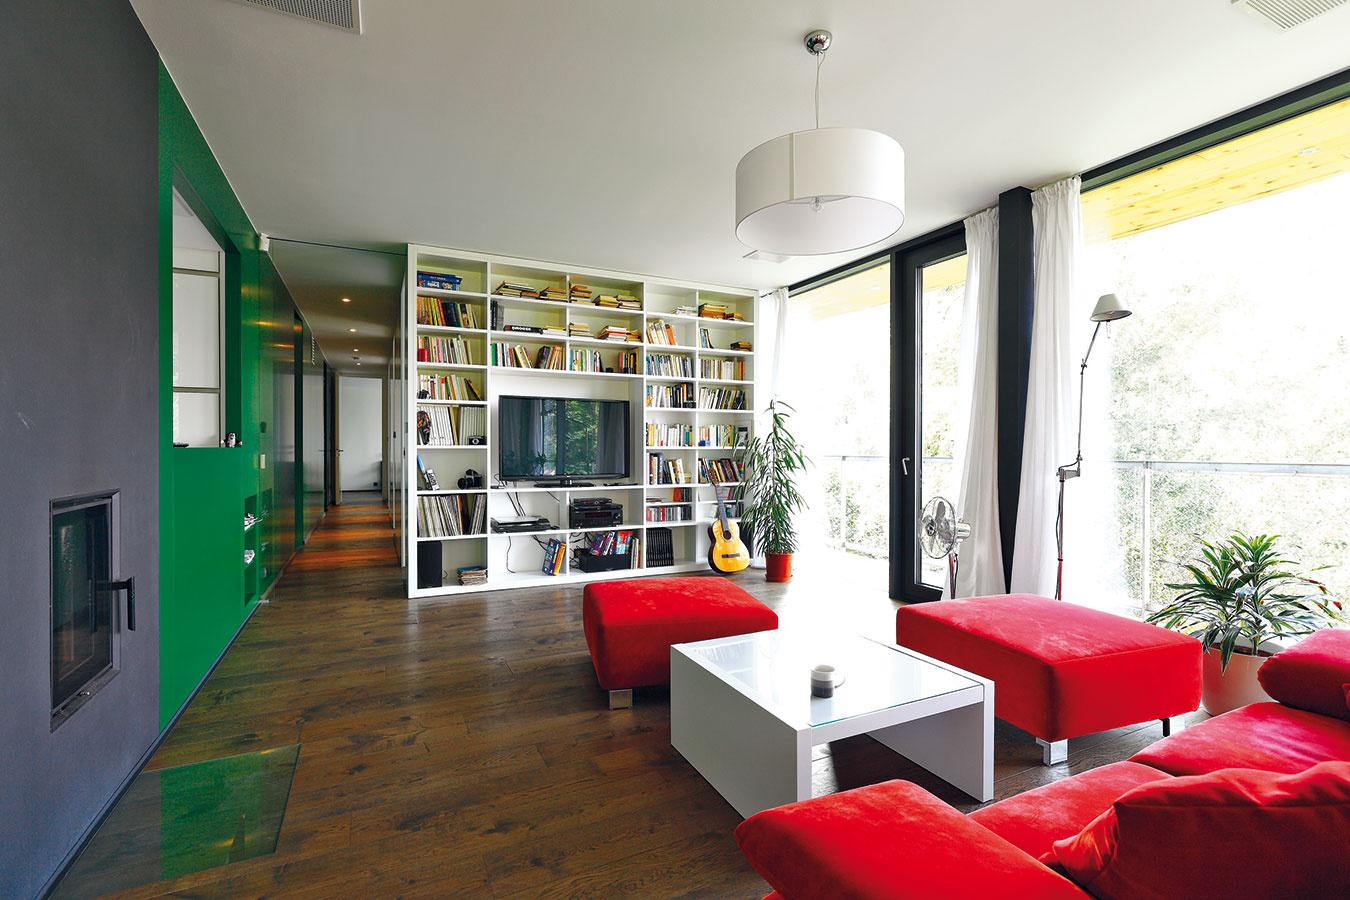 Interiér je zariadený relatívne skromne. Dominujú mu neutrálne tóny, výraznejším farebným akcentom je iba zelená stena ako téma, ktorá sa tiahne skoro celým domom, ačervená sedacia súprava vobývacej izbe.